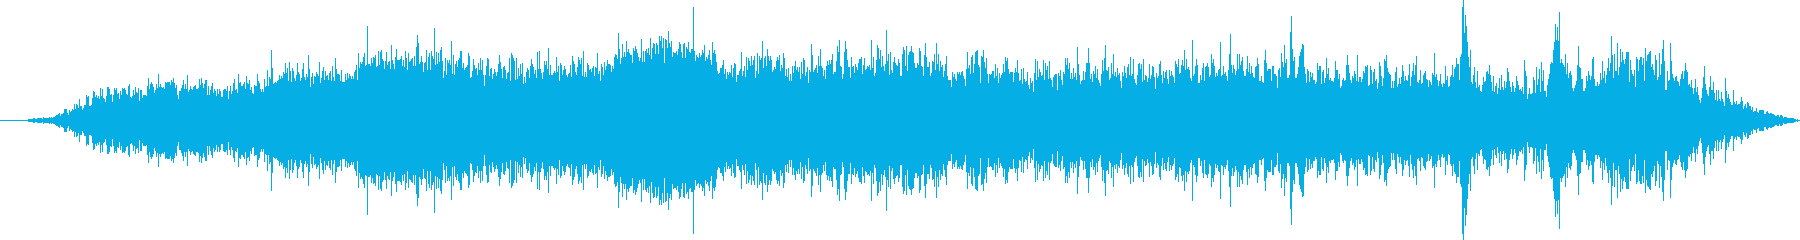 Bmw M3 Gtpレースまたはス...の再生済みの波形